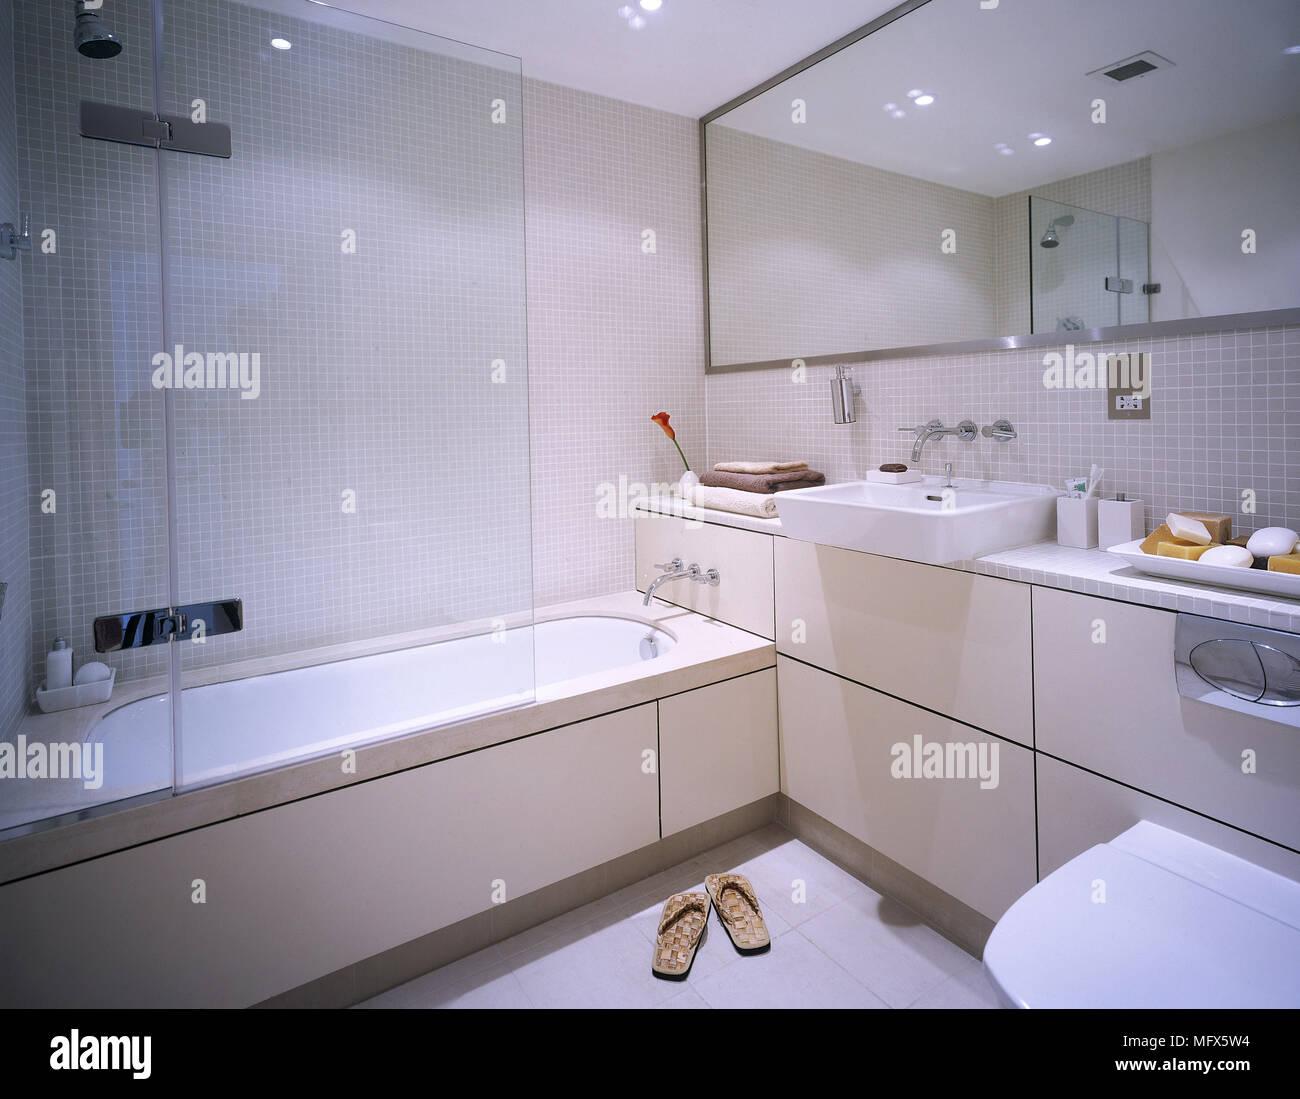 Modernes Bad Mit Mosaikfliesen Wande Badewanne Mit Glaswand